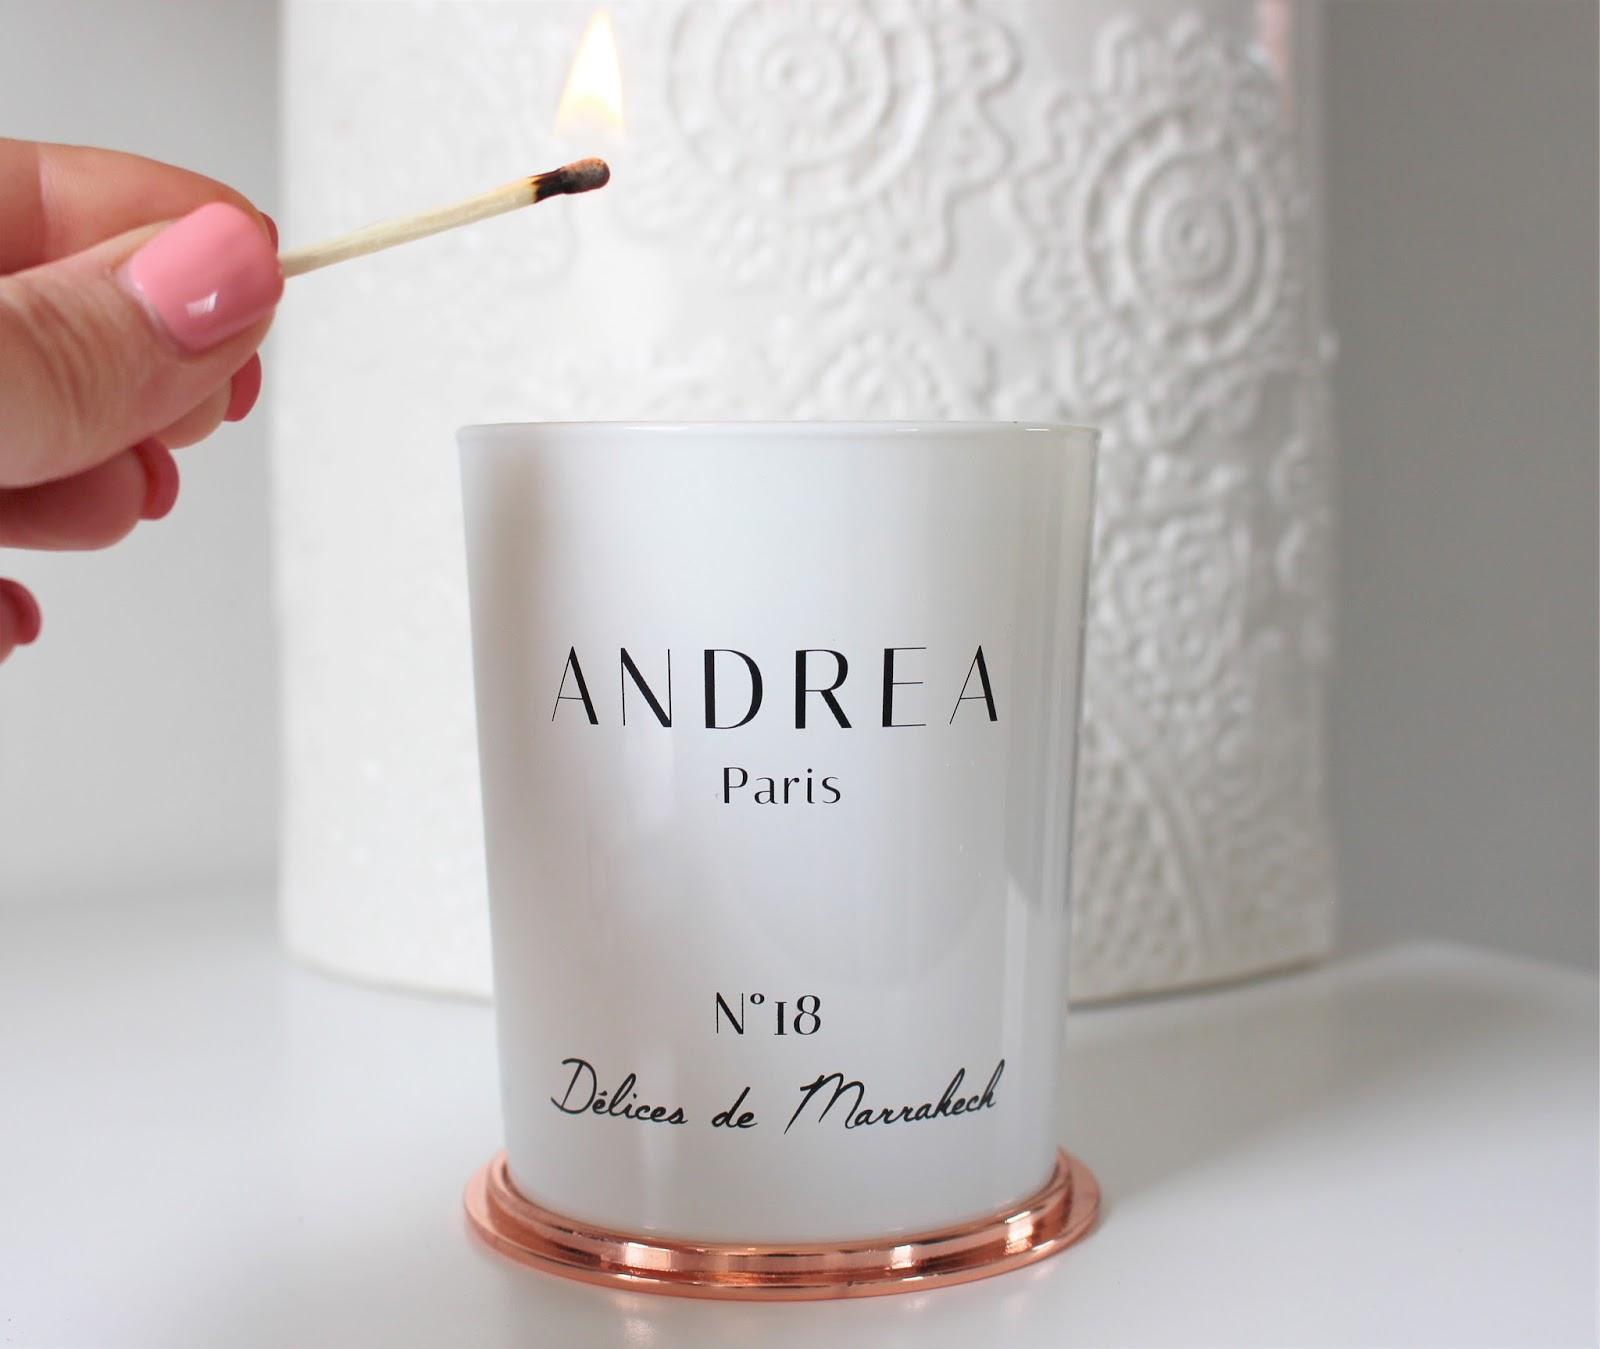 les bougies andrea paris le raffinement la fran aise karenoutichat. Black Bedroom Furniture Sets. Home Design Ideas